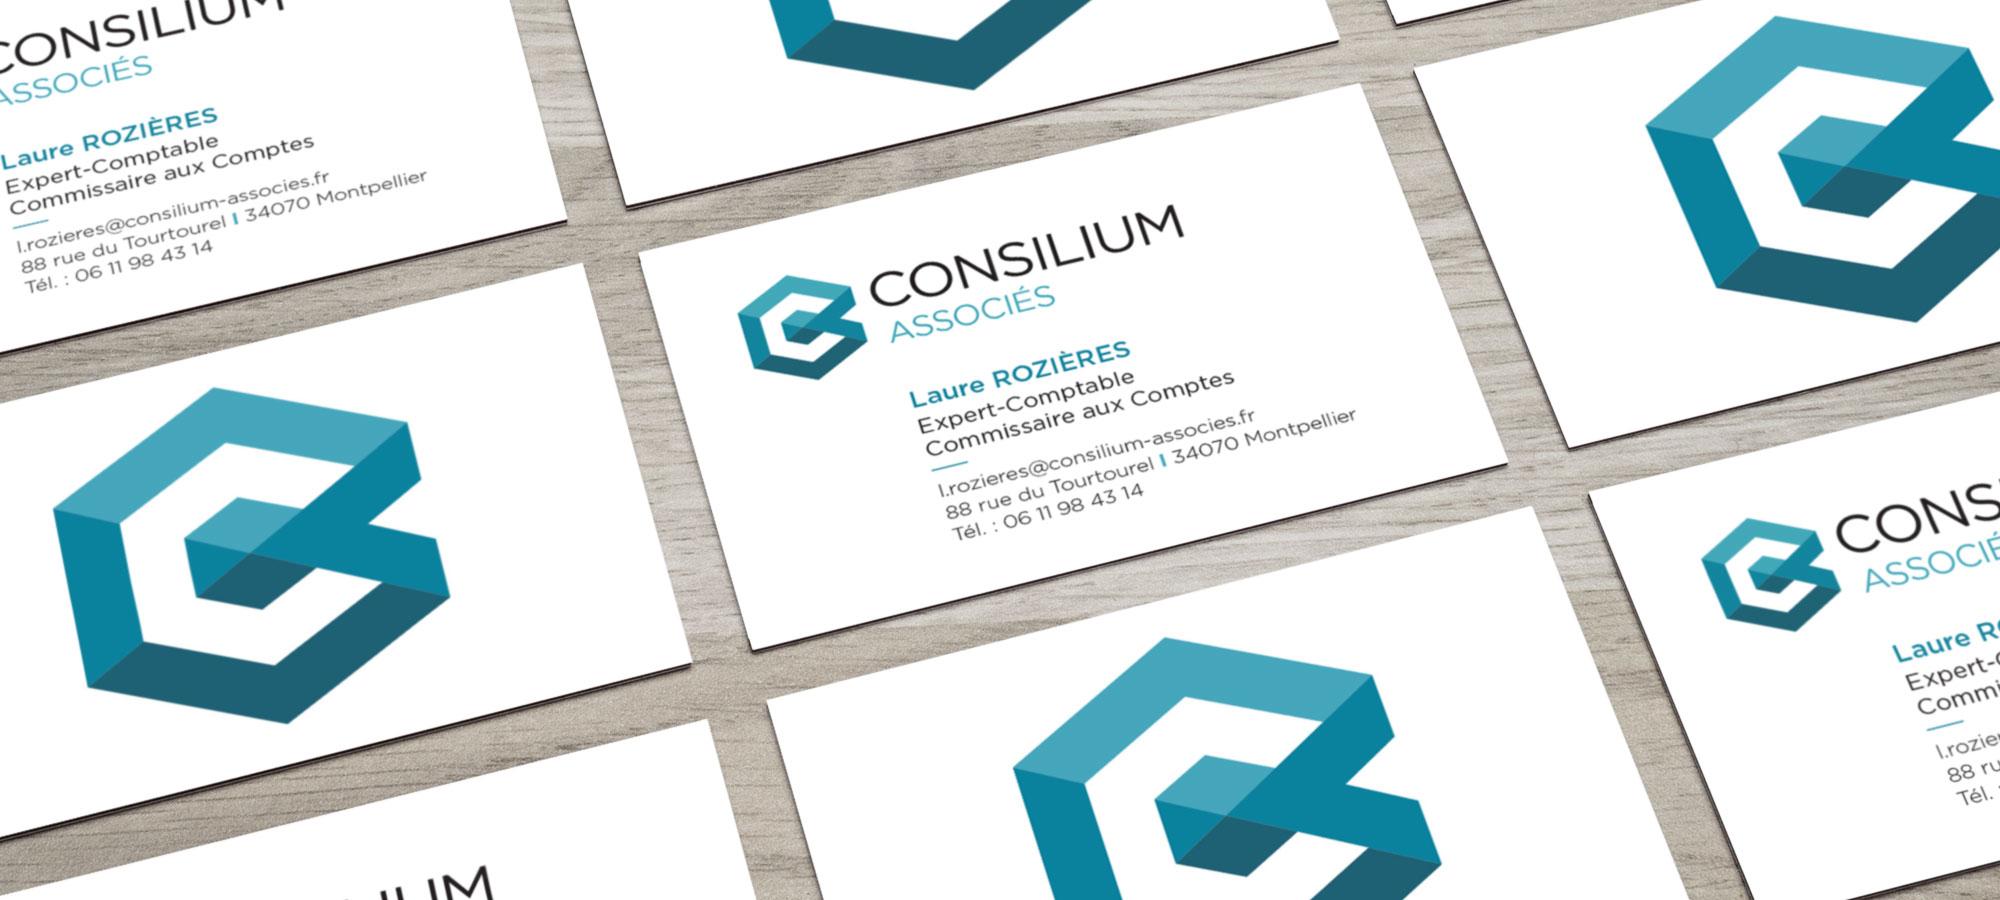 2-consilium